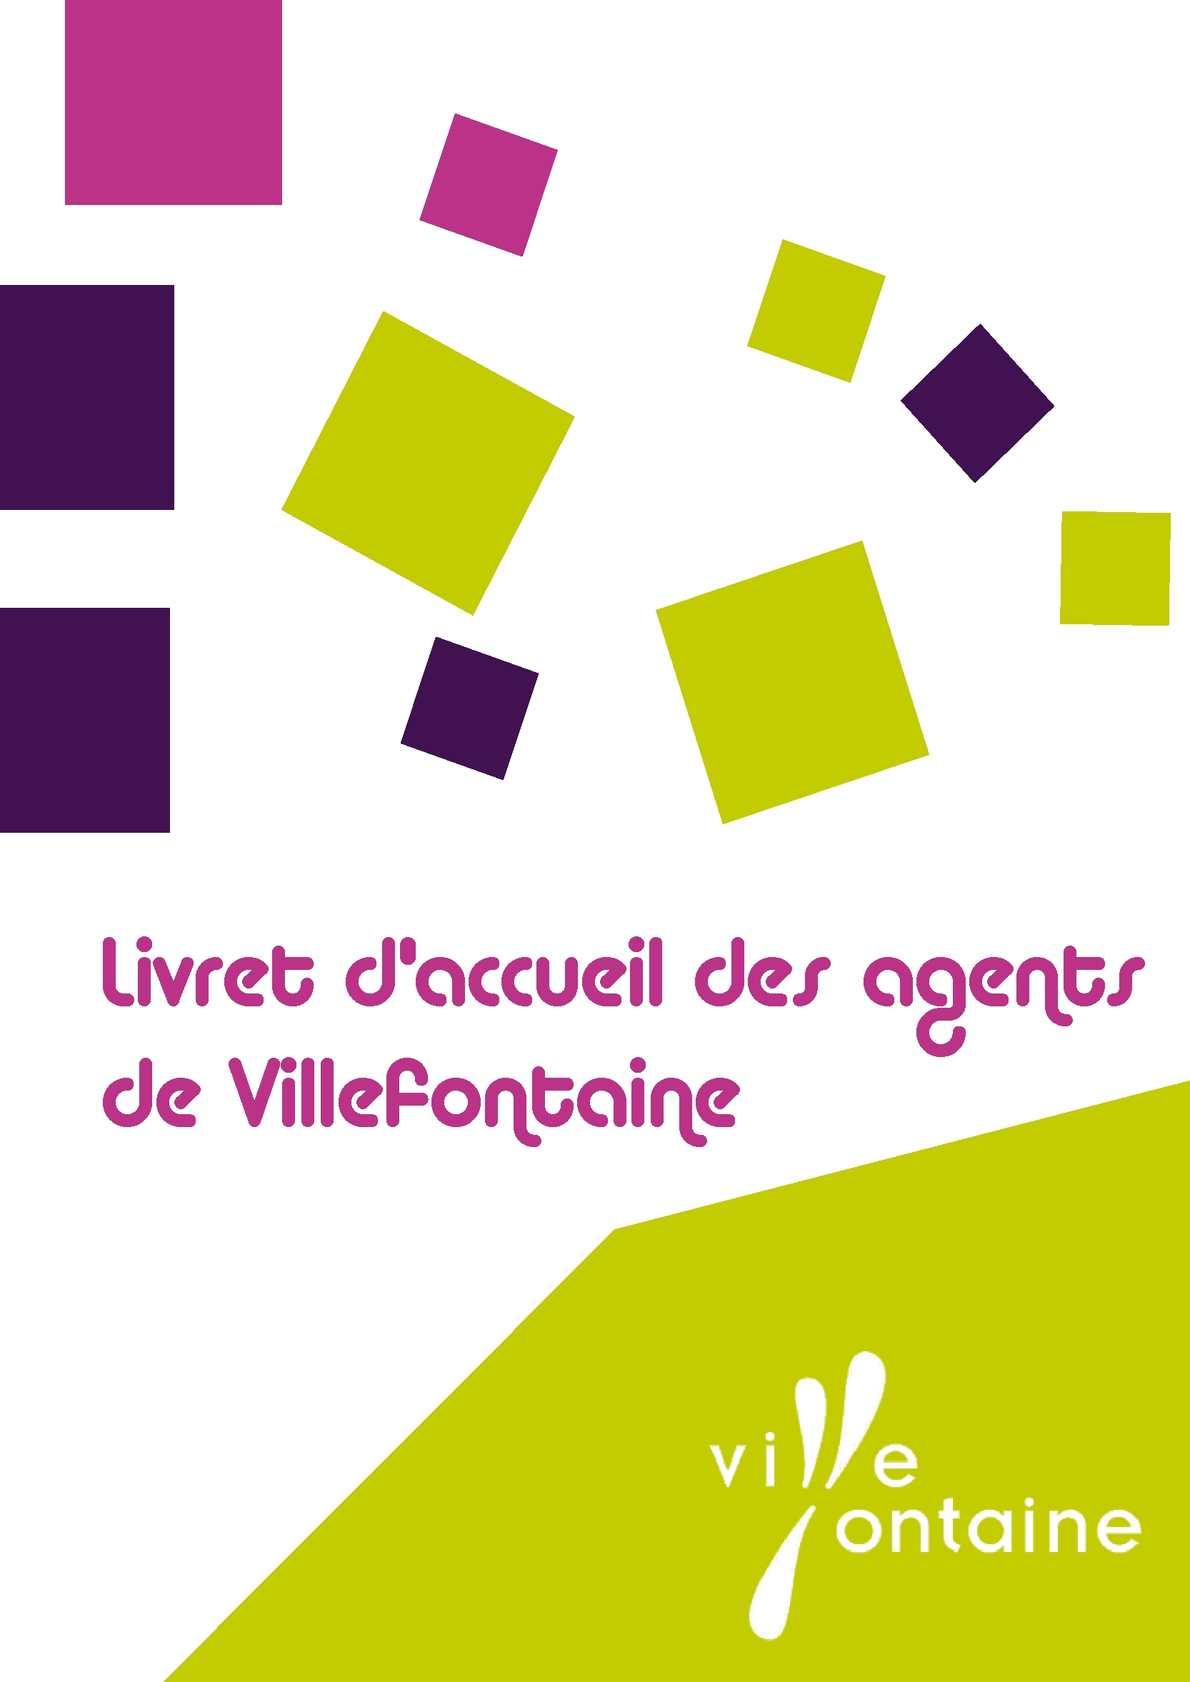 62a5d330631 Calaméo - Livret d accueil des agents de Villefontaine